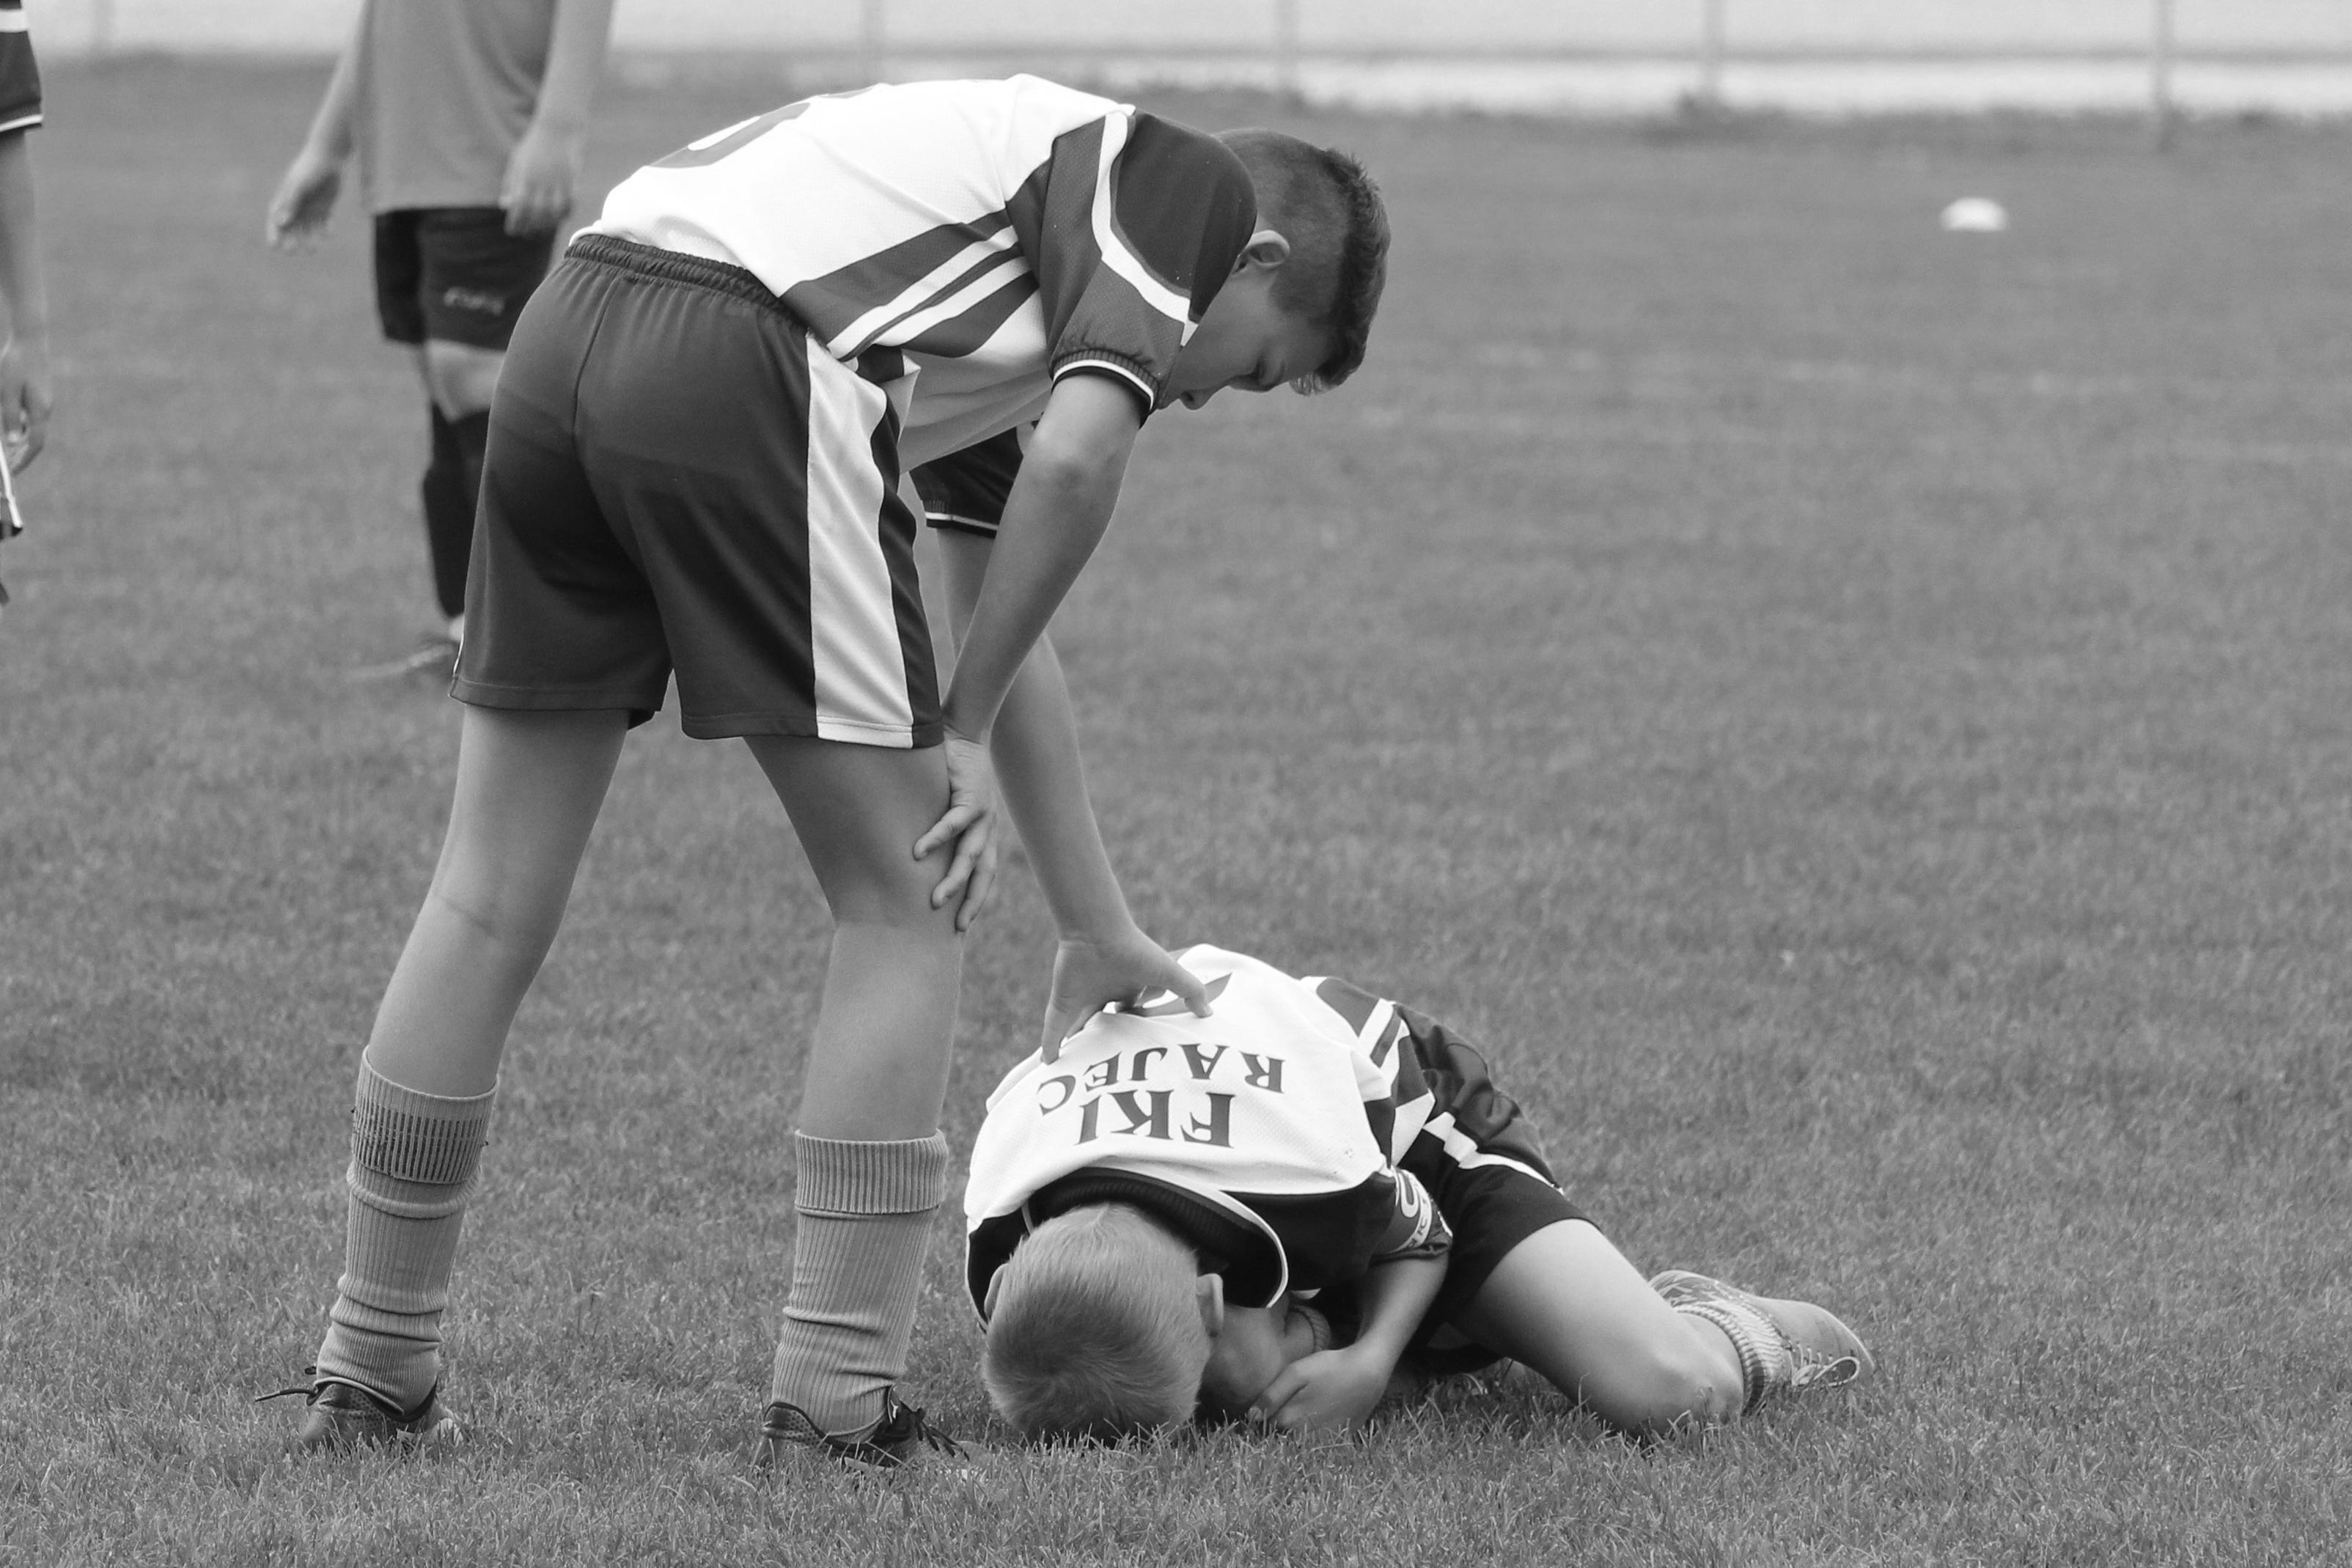 enfants jouent au football photo en noir et blanc